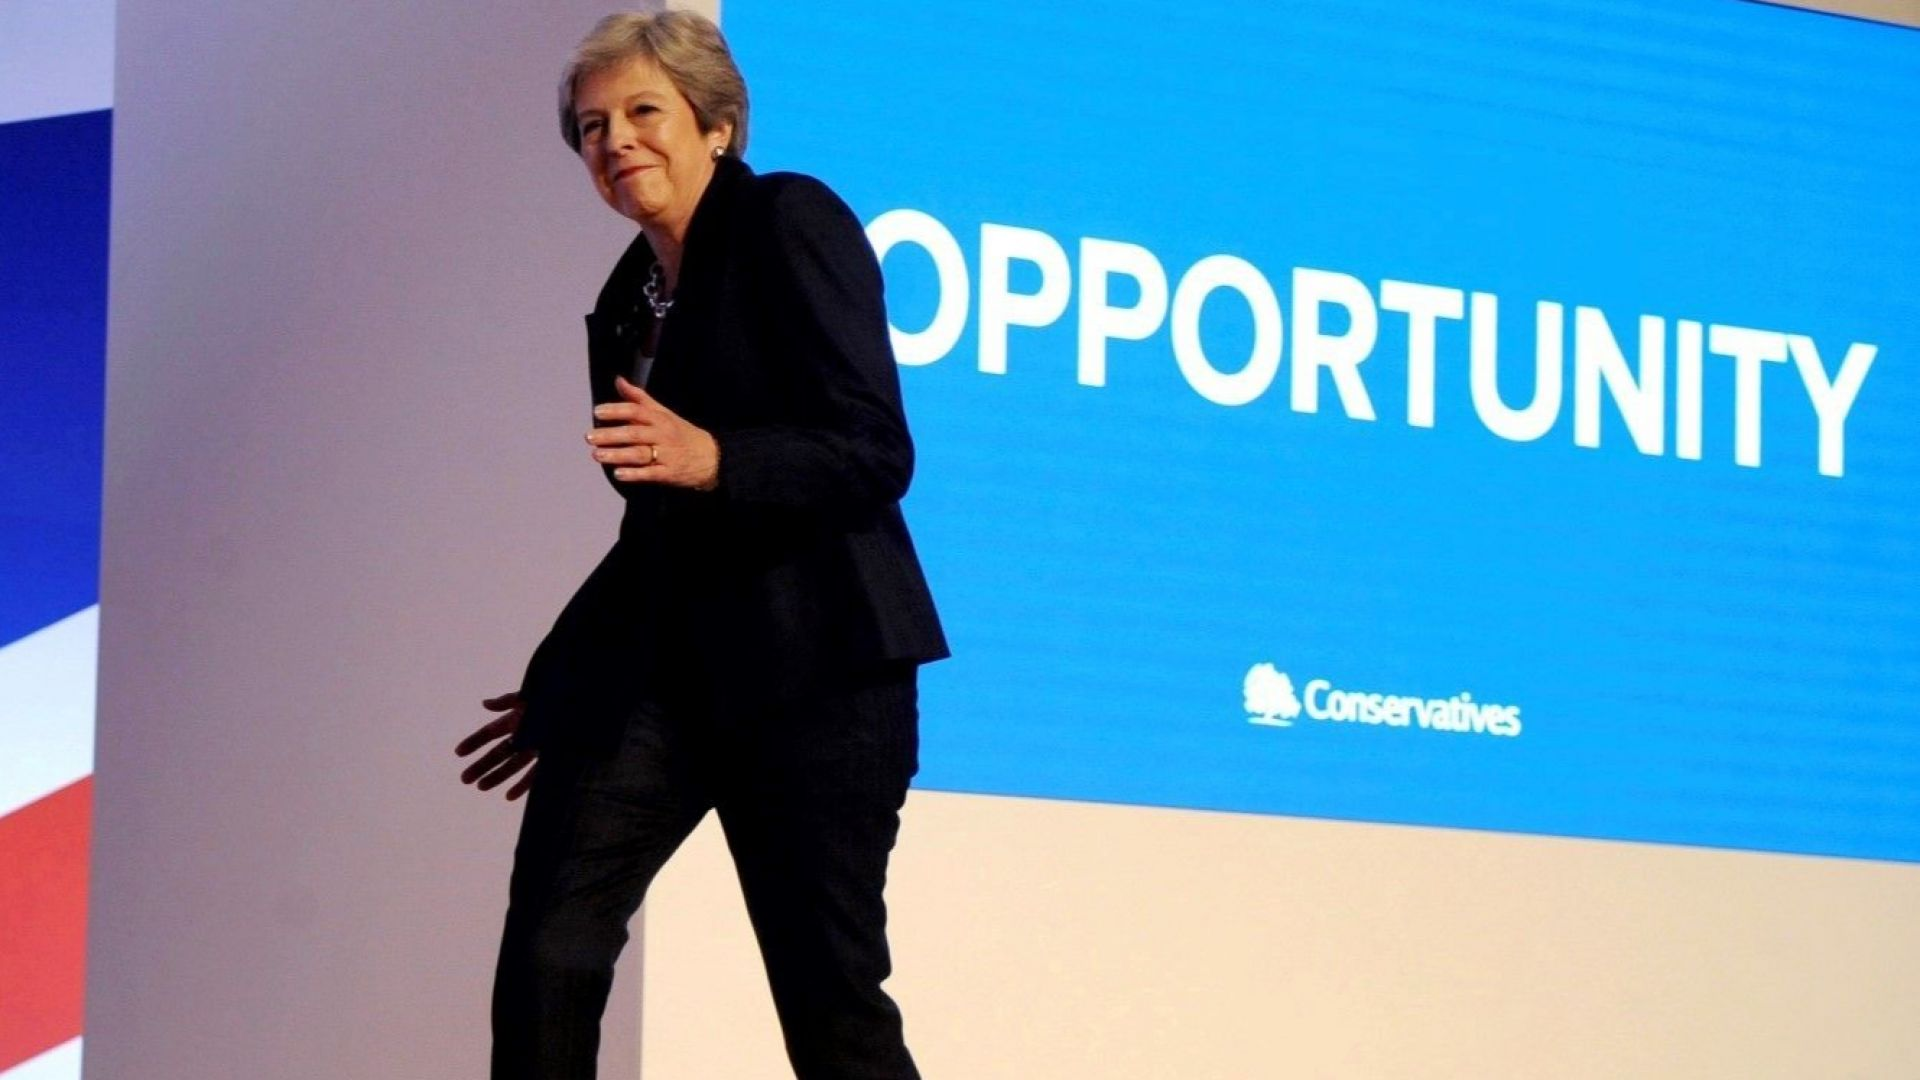 Тереза Мей пак танцува, този път на Dancing Queen пред партийния елит